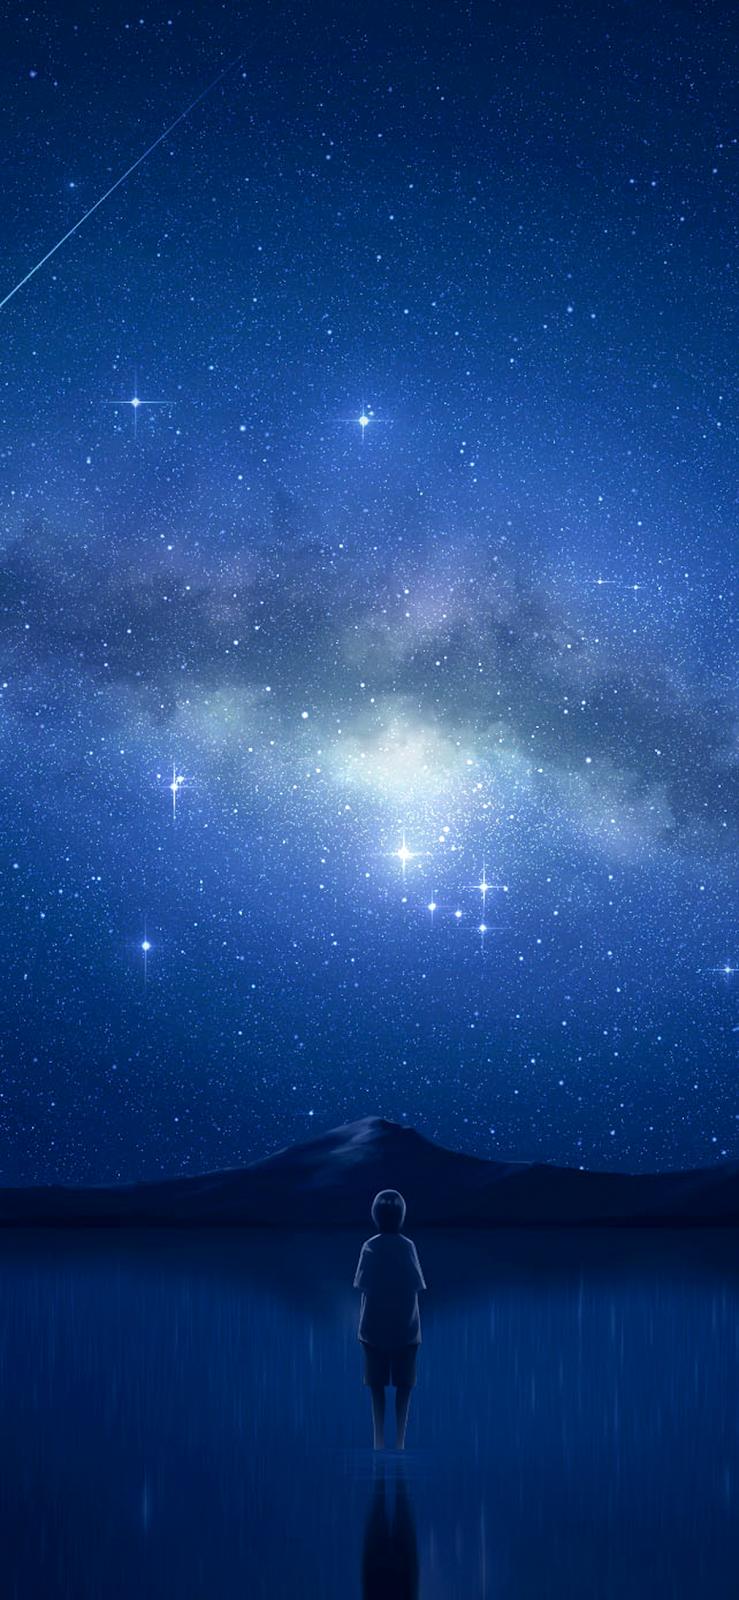 Hình nền dưới bầu trời đầy sao cho iPhone XSMAX / iPhone 11 Pro Max